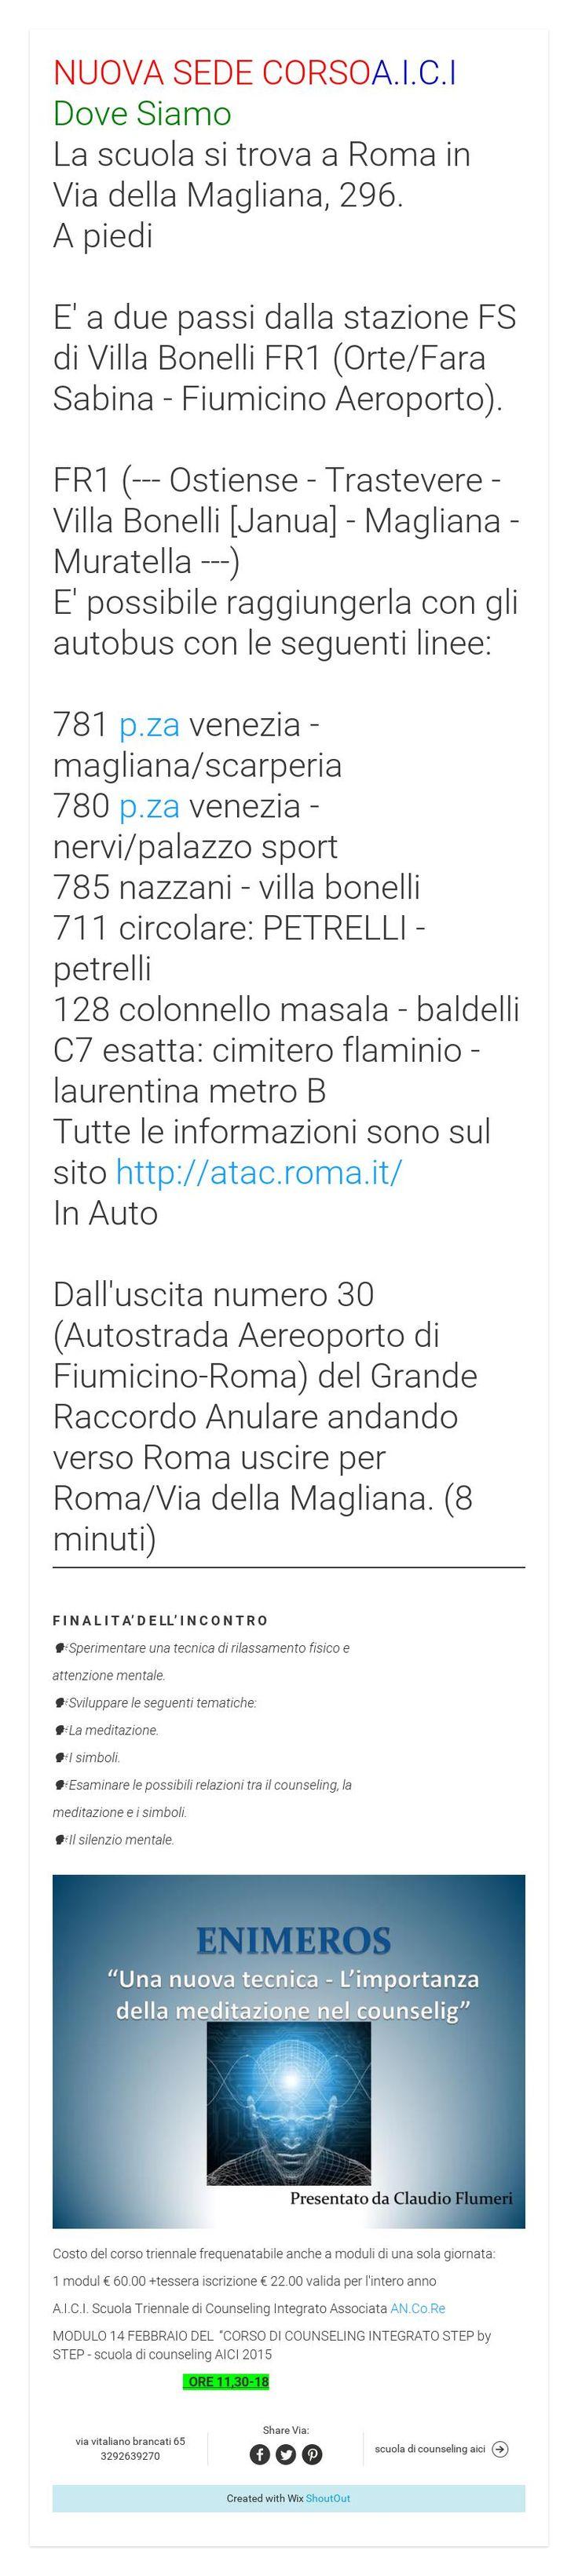 NUOVA SEDE CORSOA I C I Dove Siamo La scuola si trova a Roma in Via della Magliana 296 A piedi E a due passi dalla stazione FS di Villa Bonelli FR1